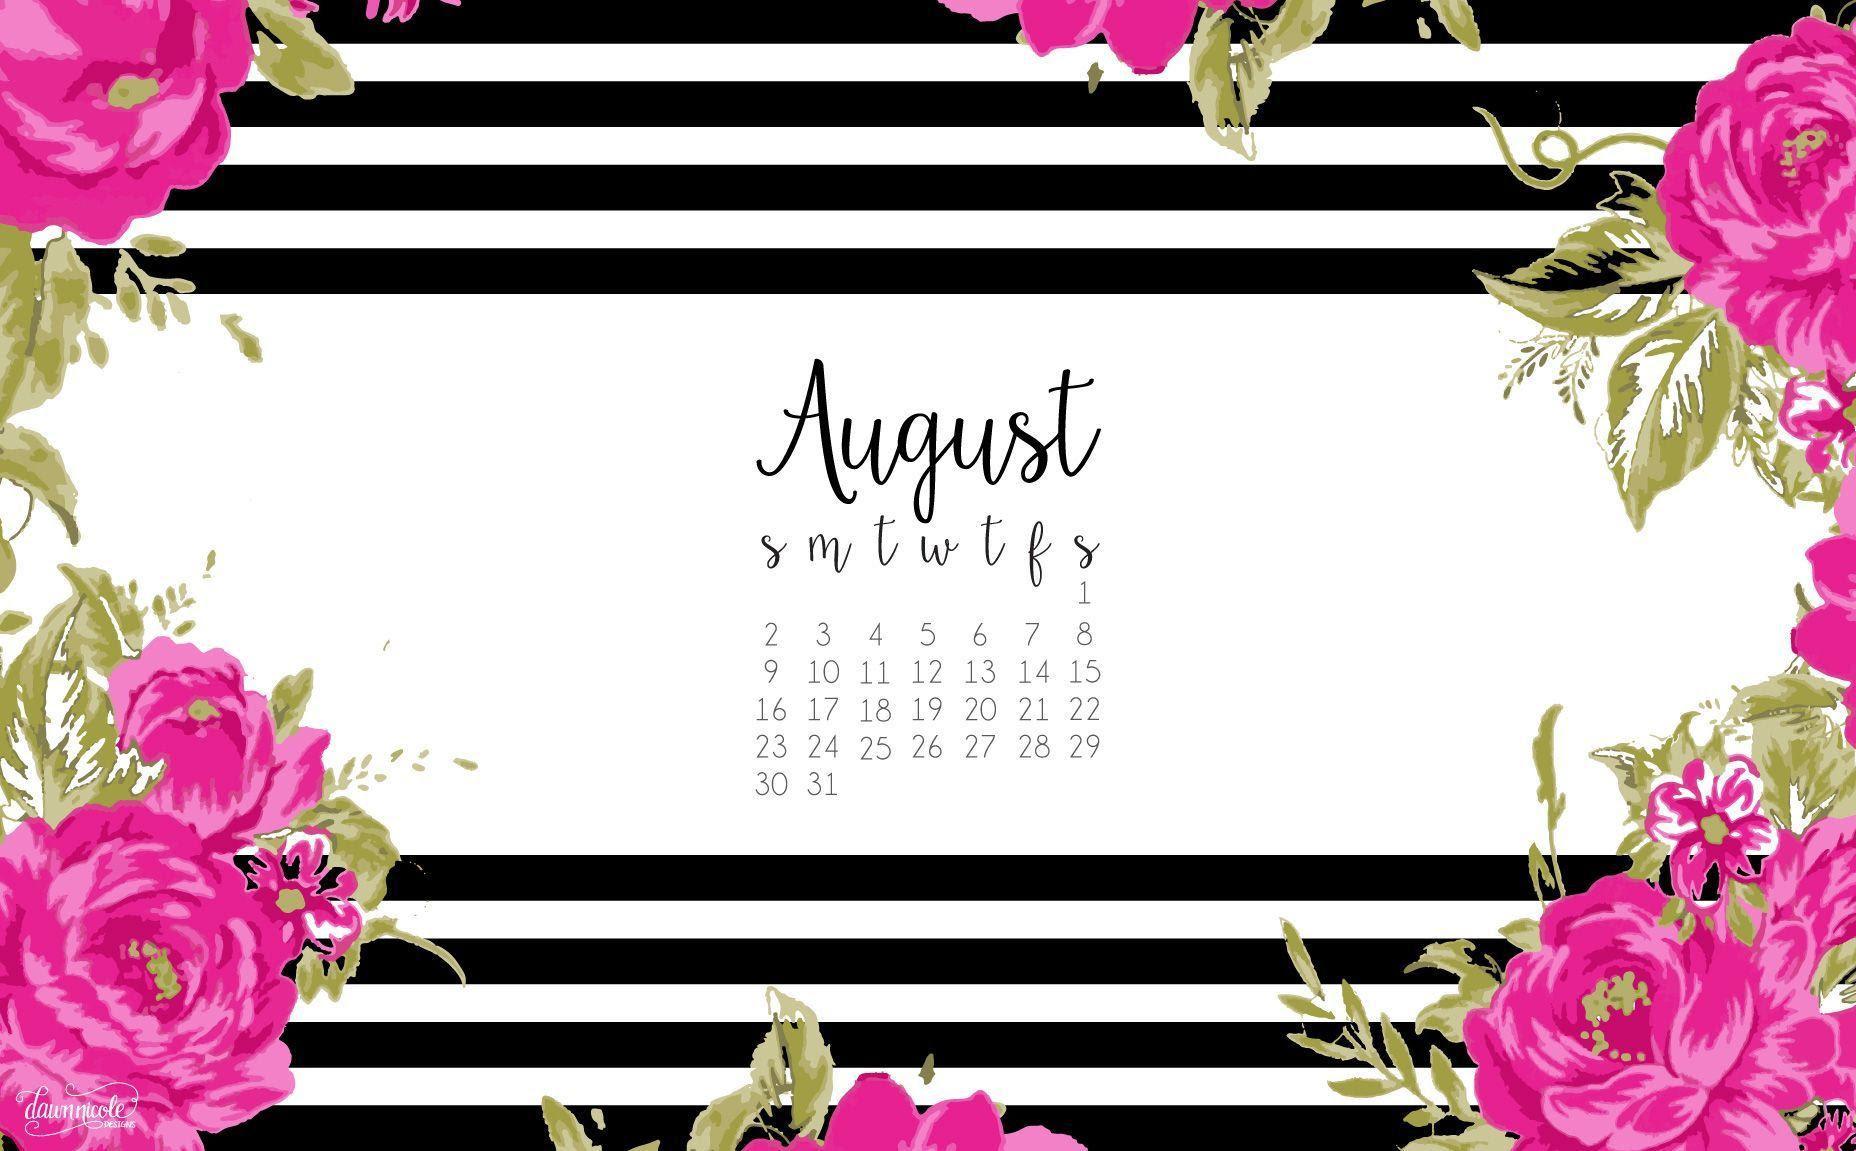 Desktop Wallpapers Calendar August 2016 - Wallpaper Cave